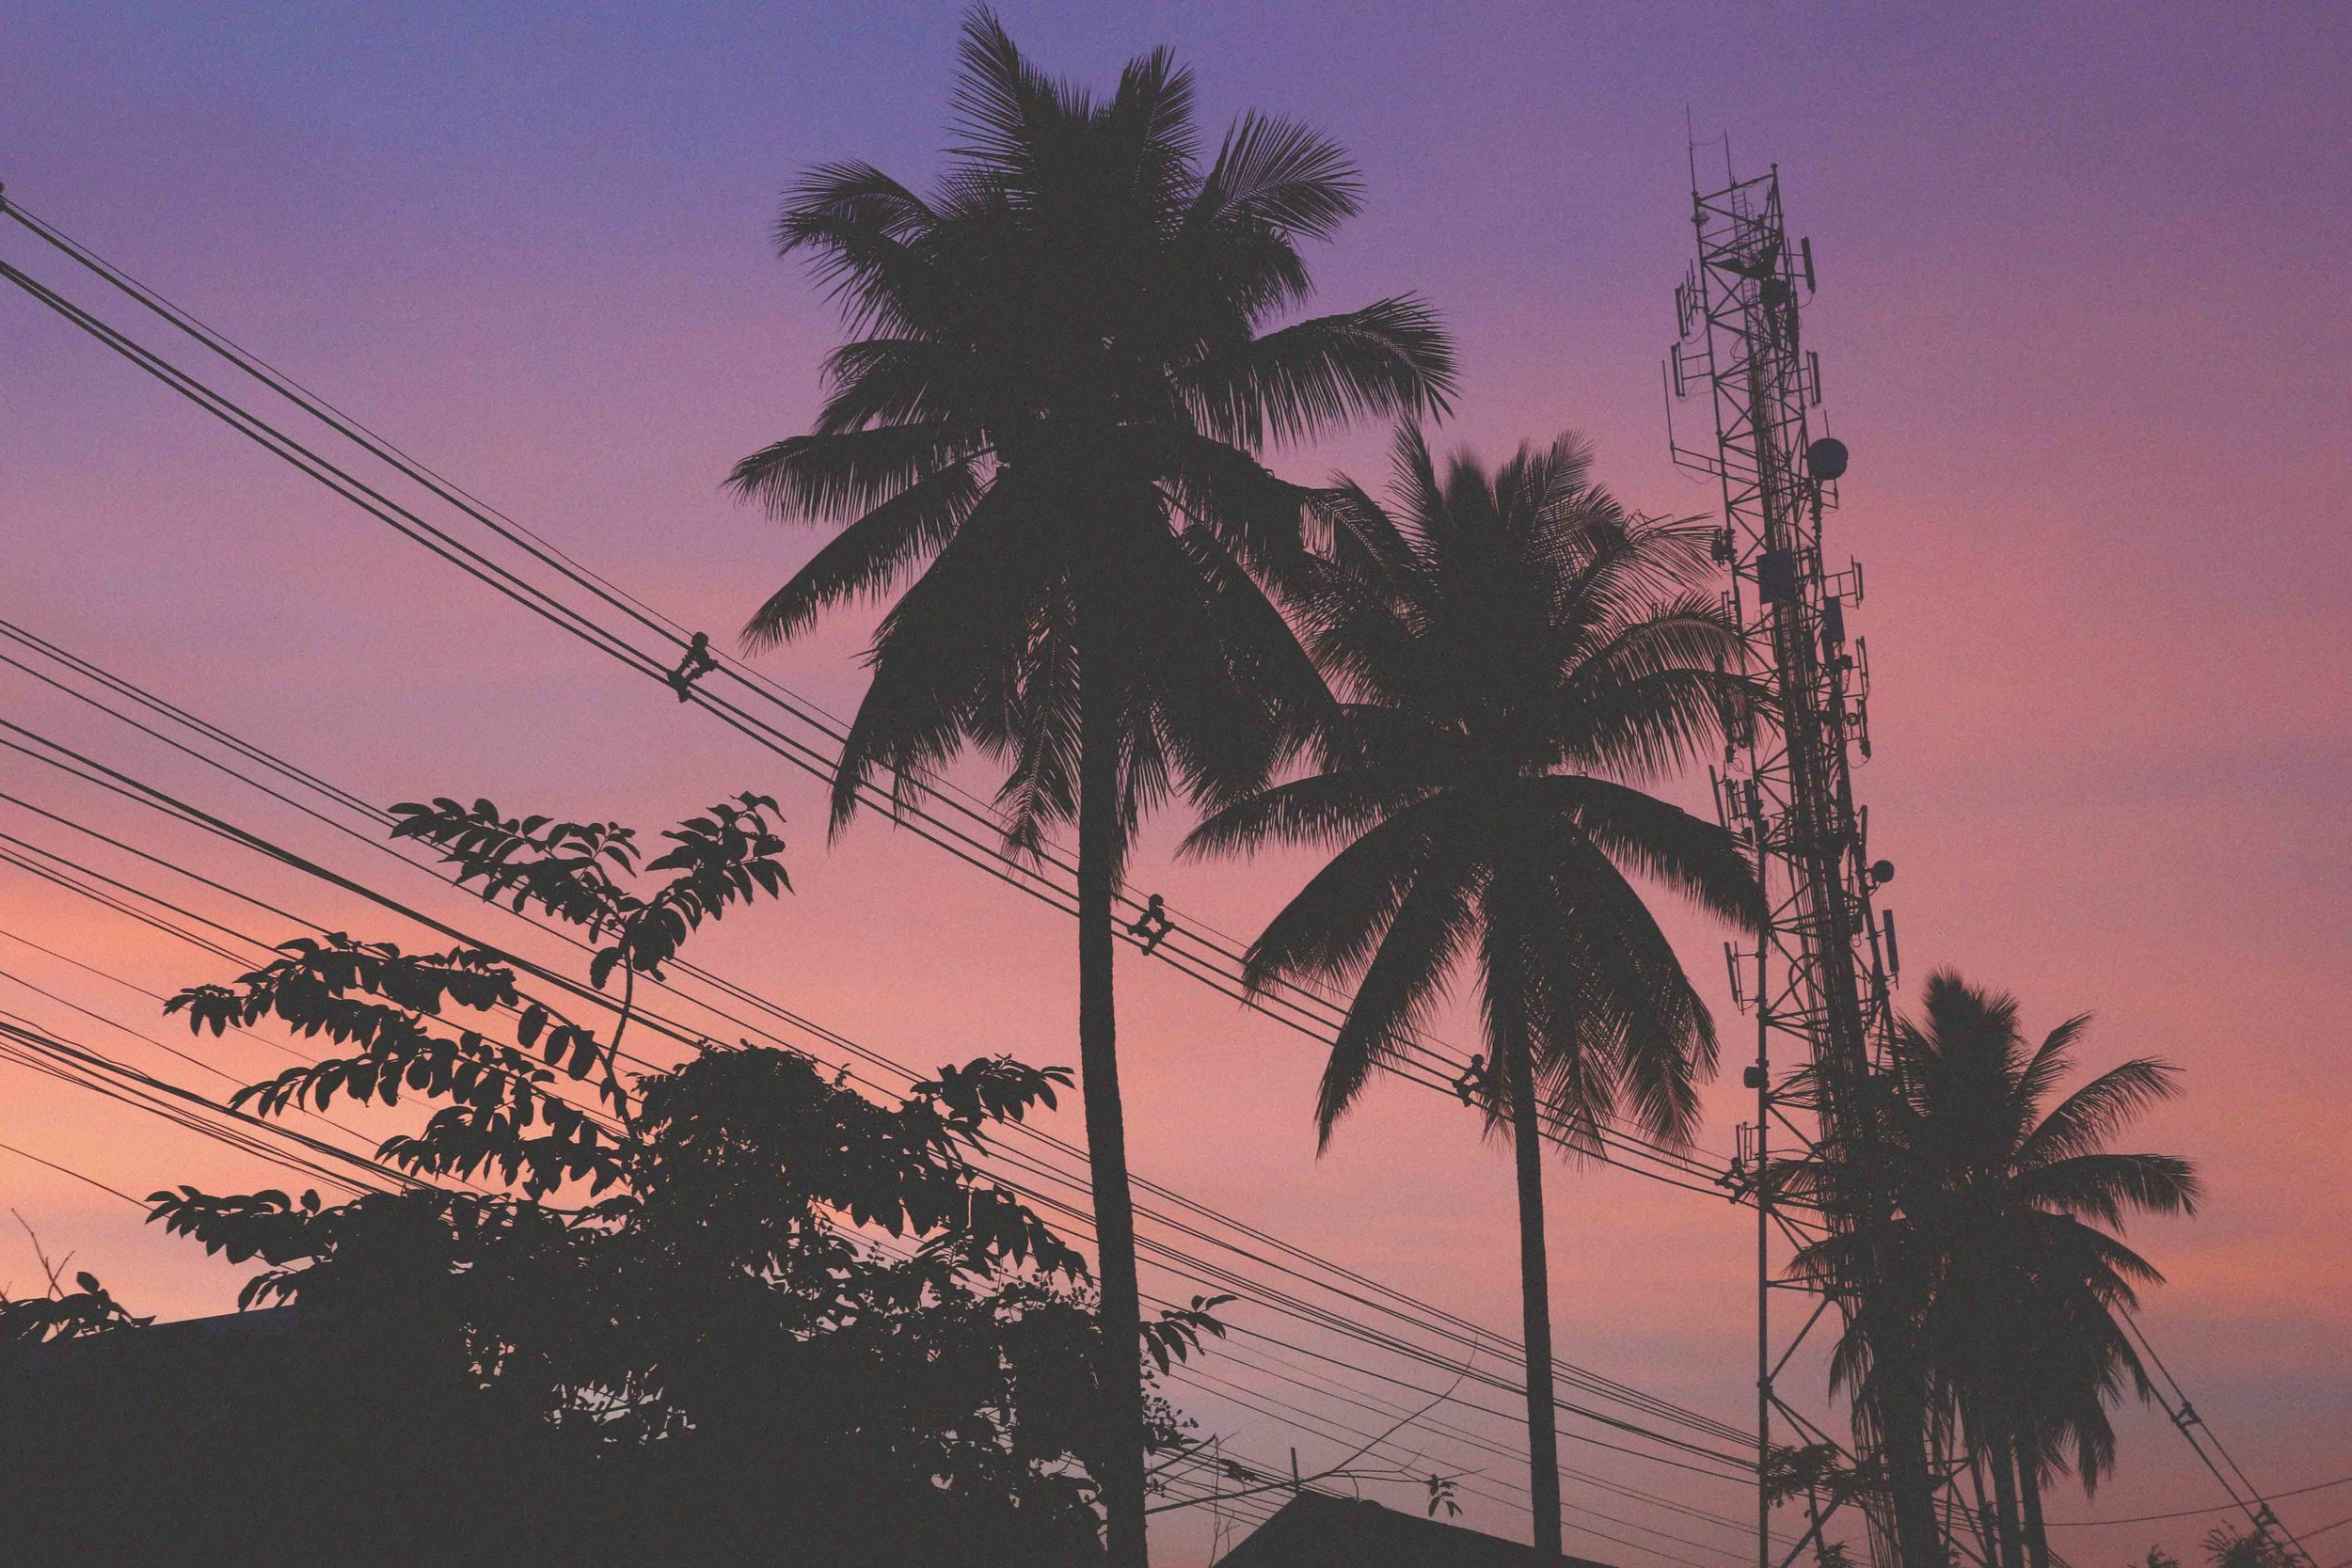 A Luang Prabang sunset